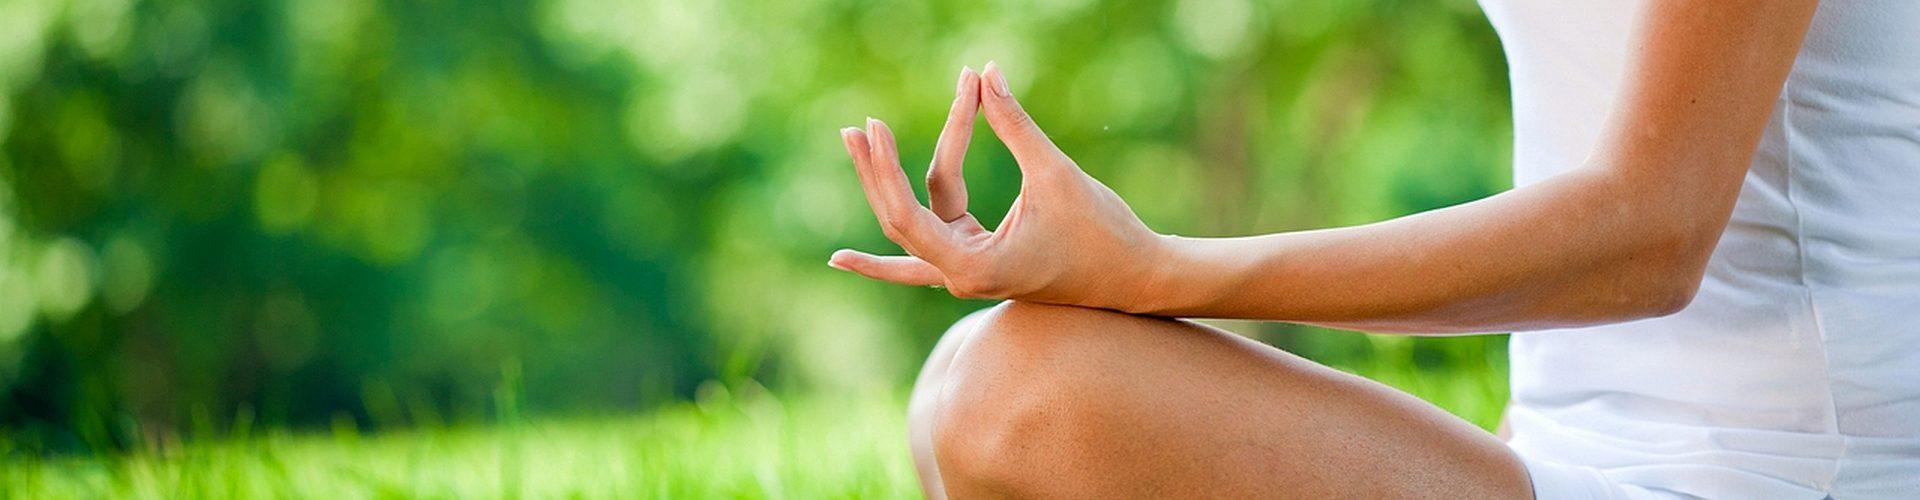 Удовольствие, легкость, покой. Как йога меняет жизнь кудымкарцев